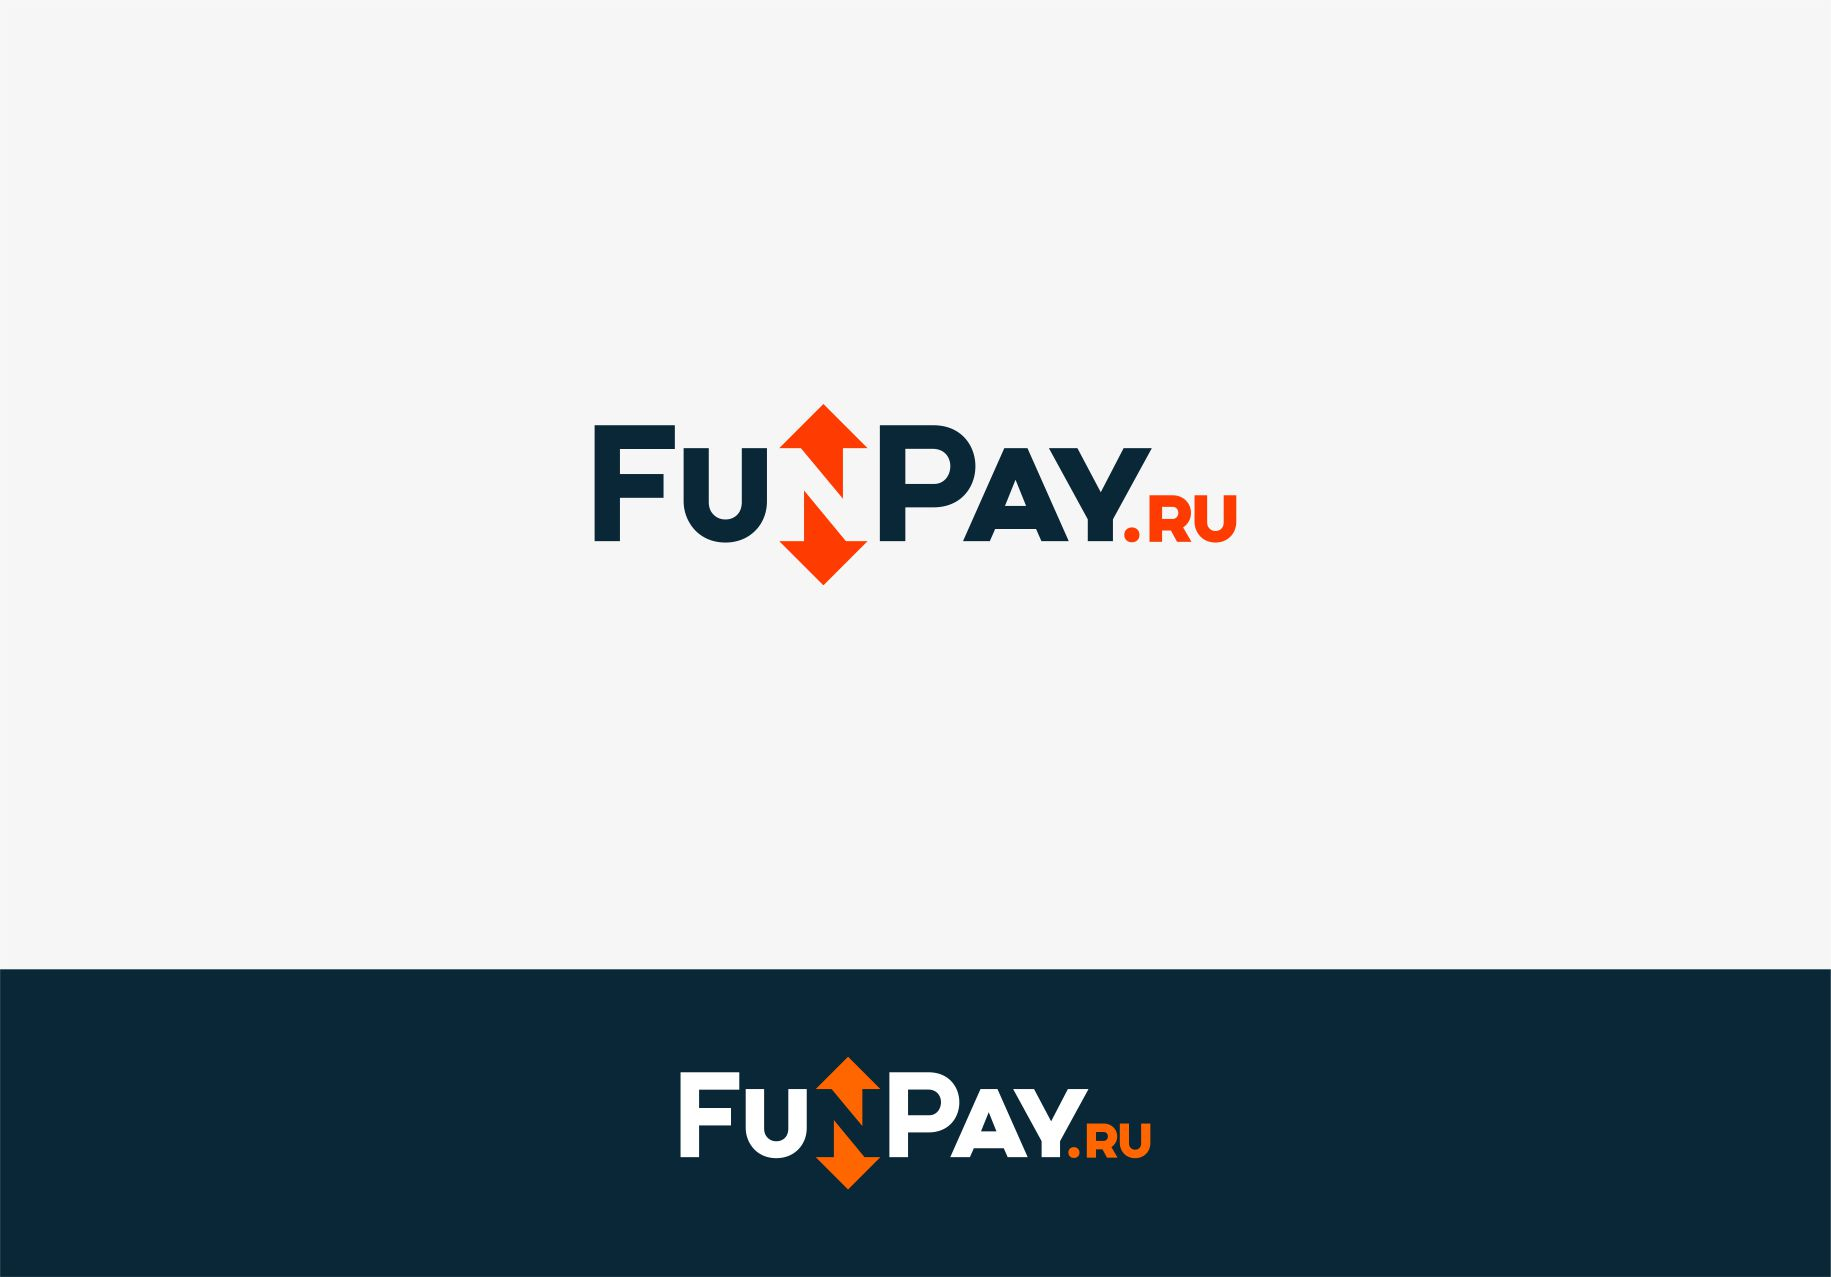 Логотип для FunPay.ru фото f_3055990a0322bd17.jpg